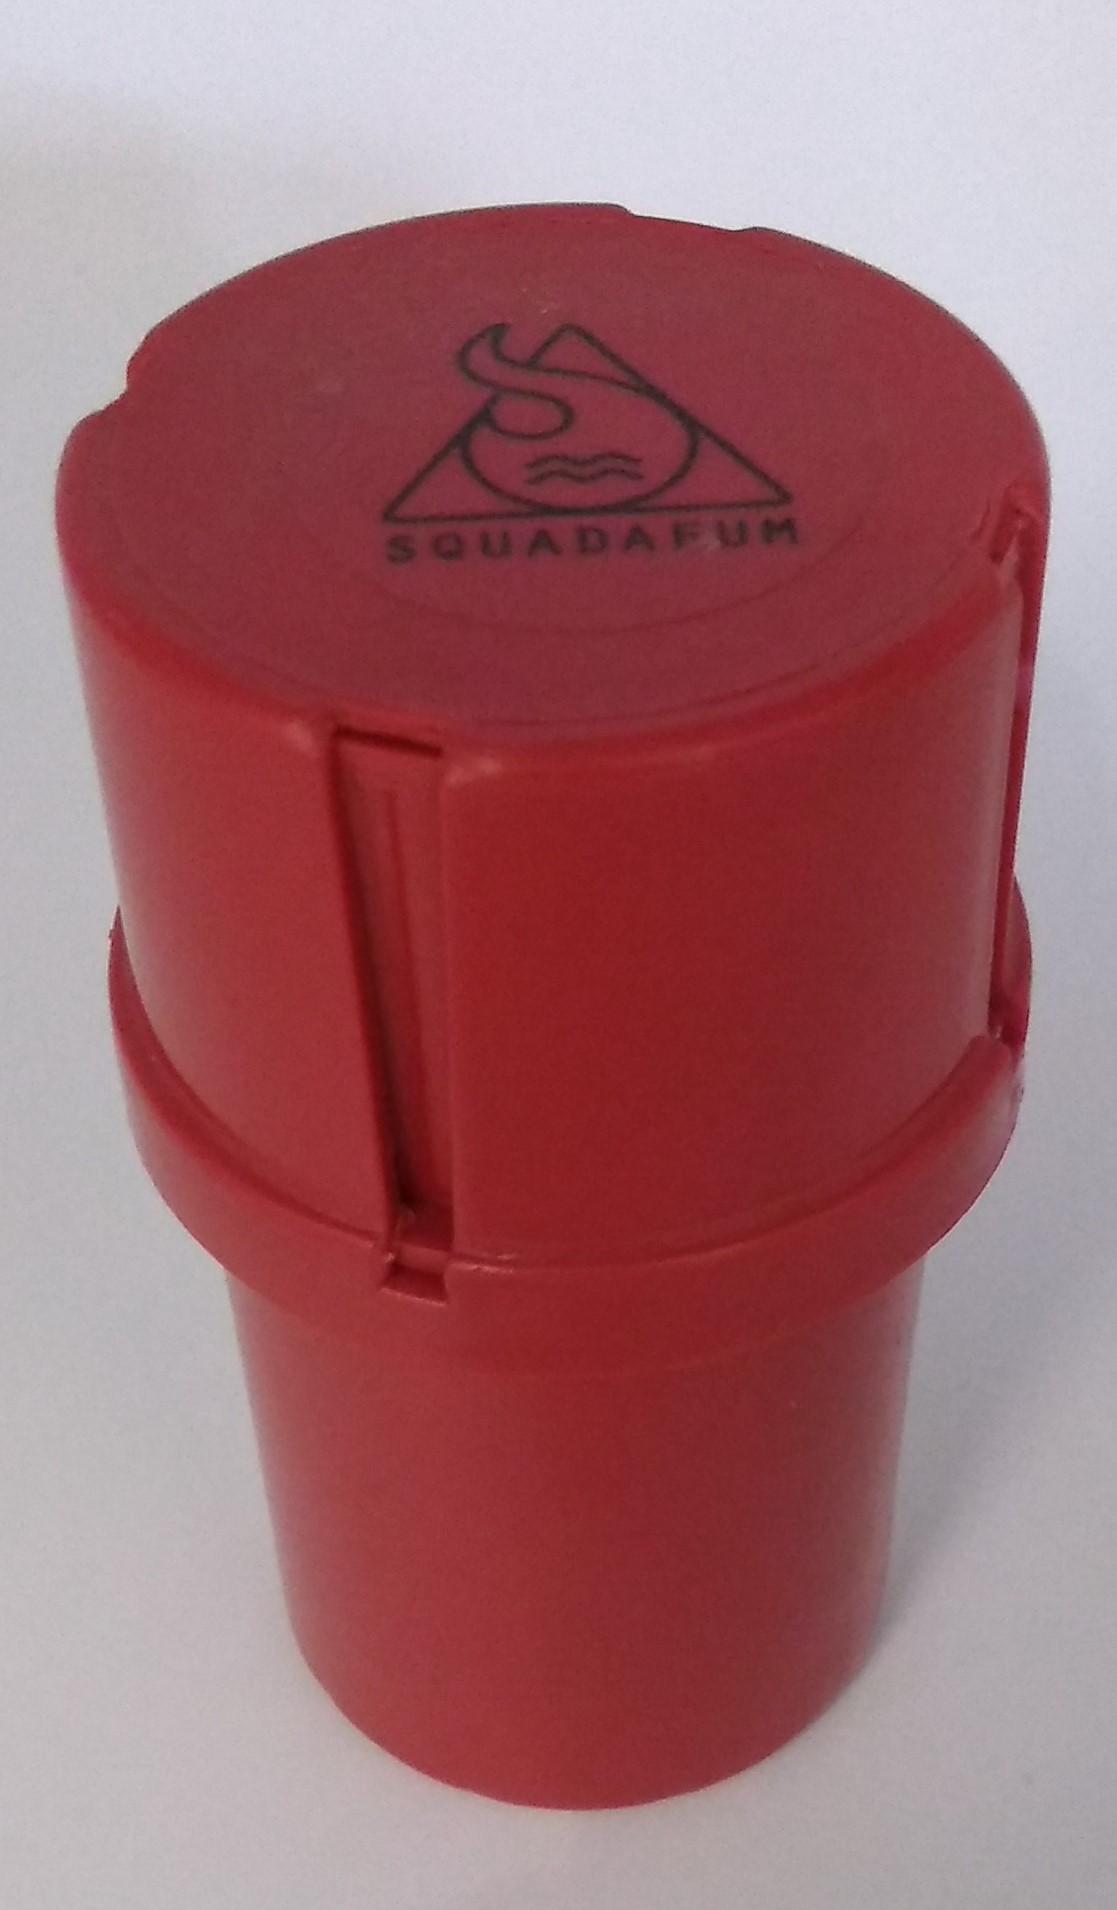 Triturador  Squadafum 4005 Vermelho